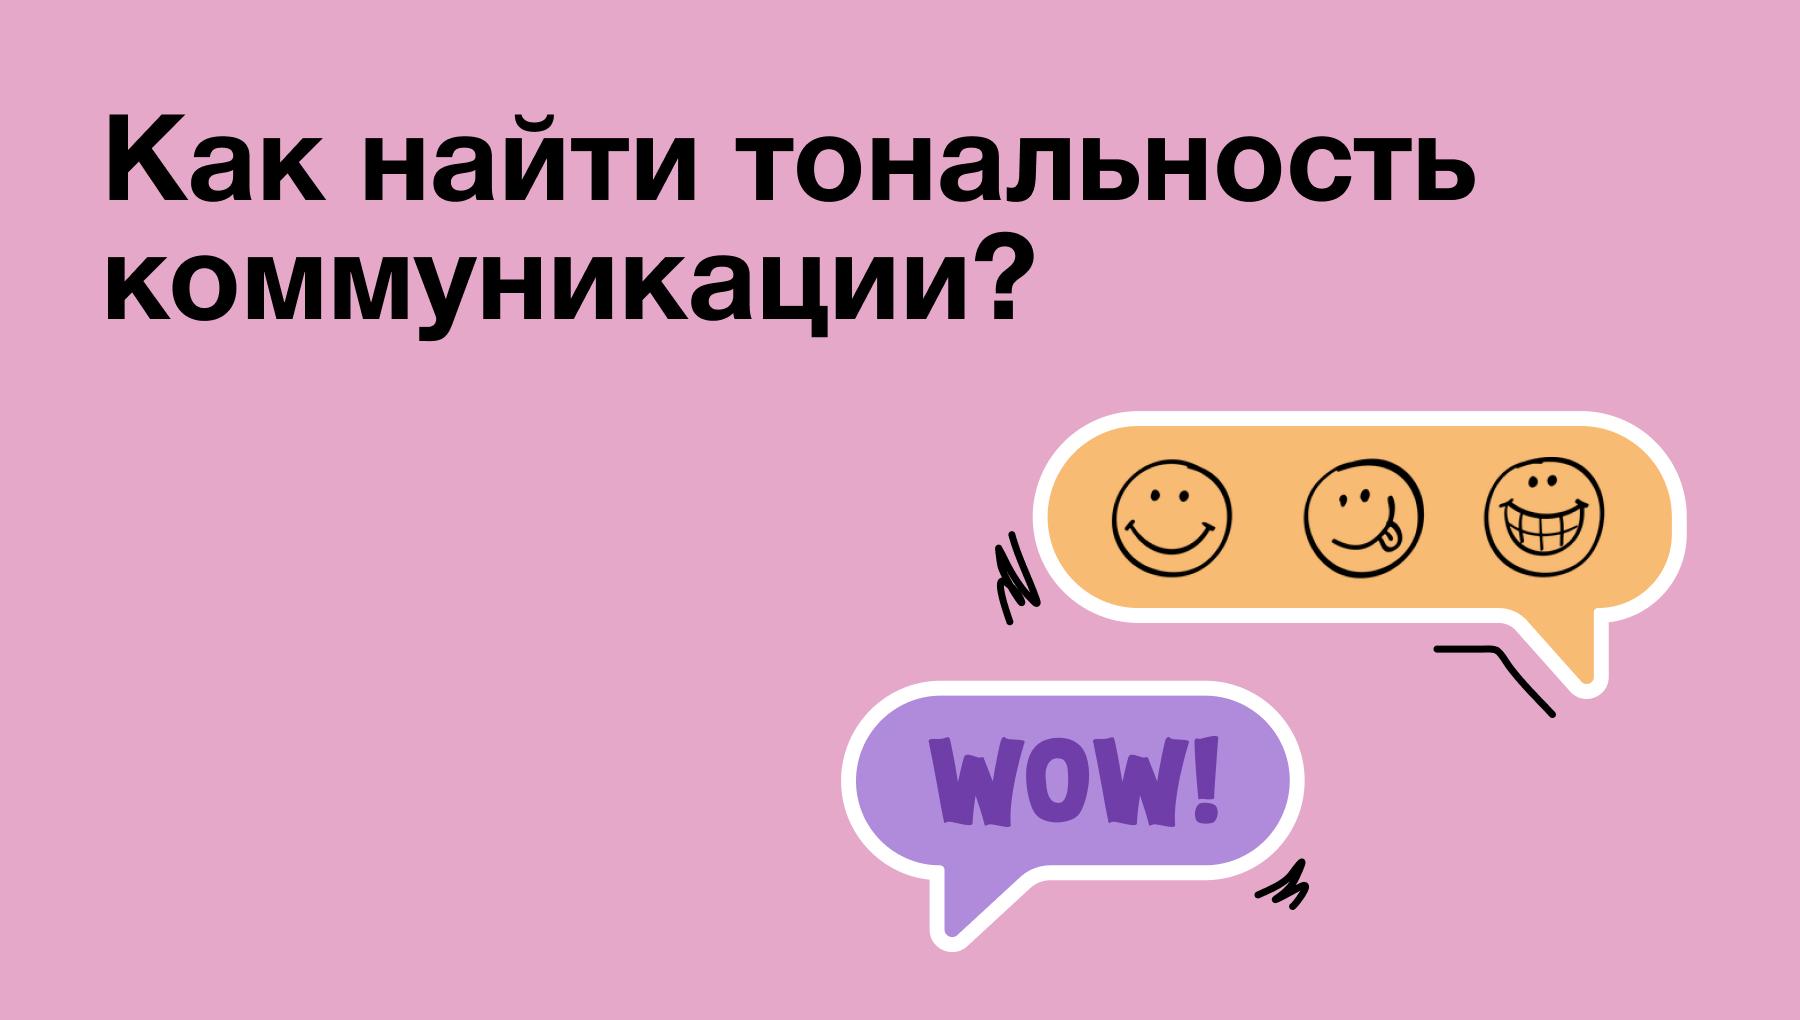 Как найти тональность коммуникации?